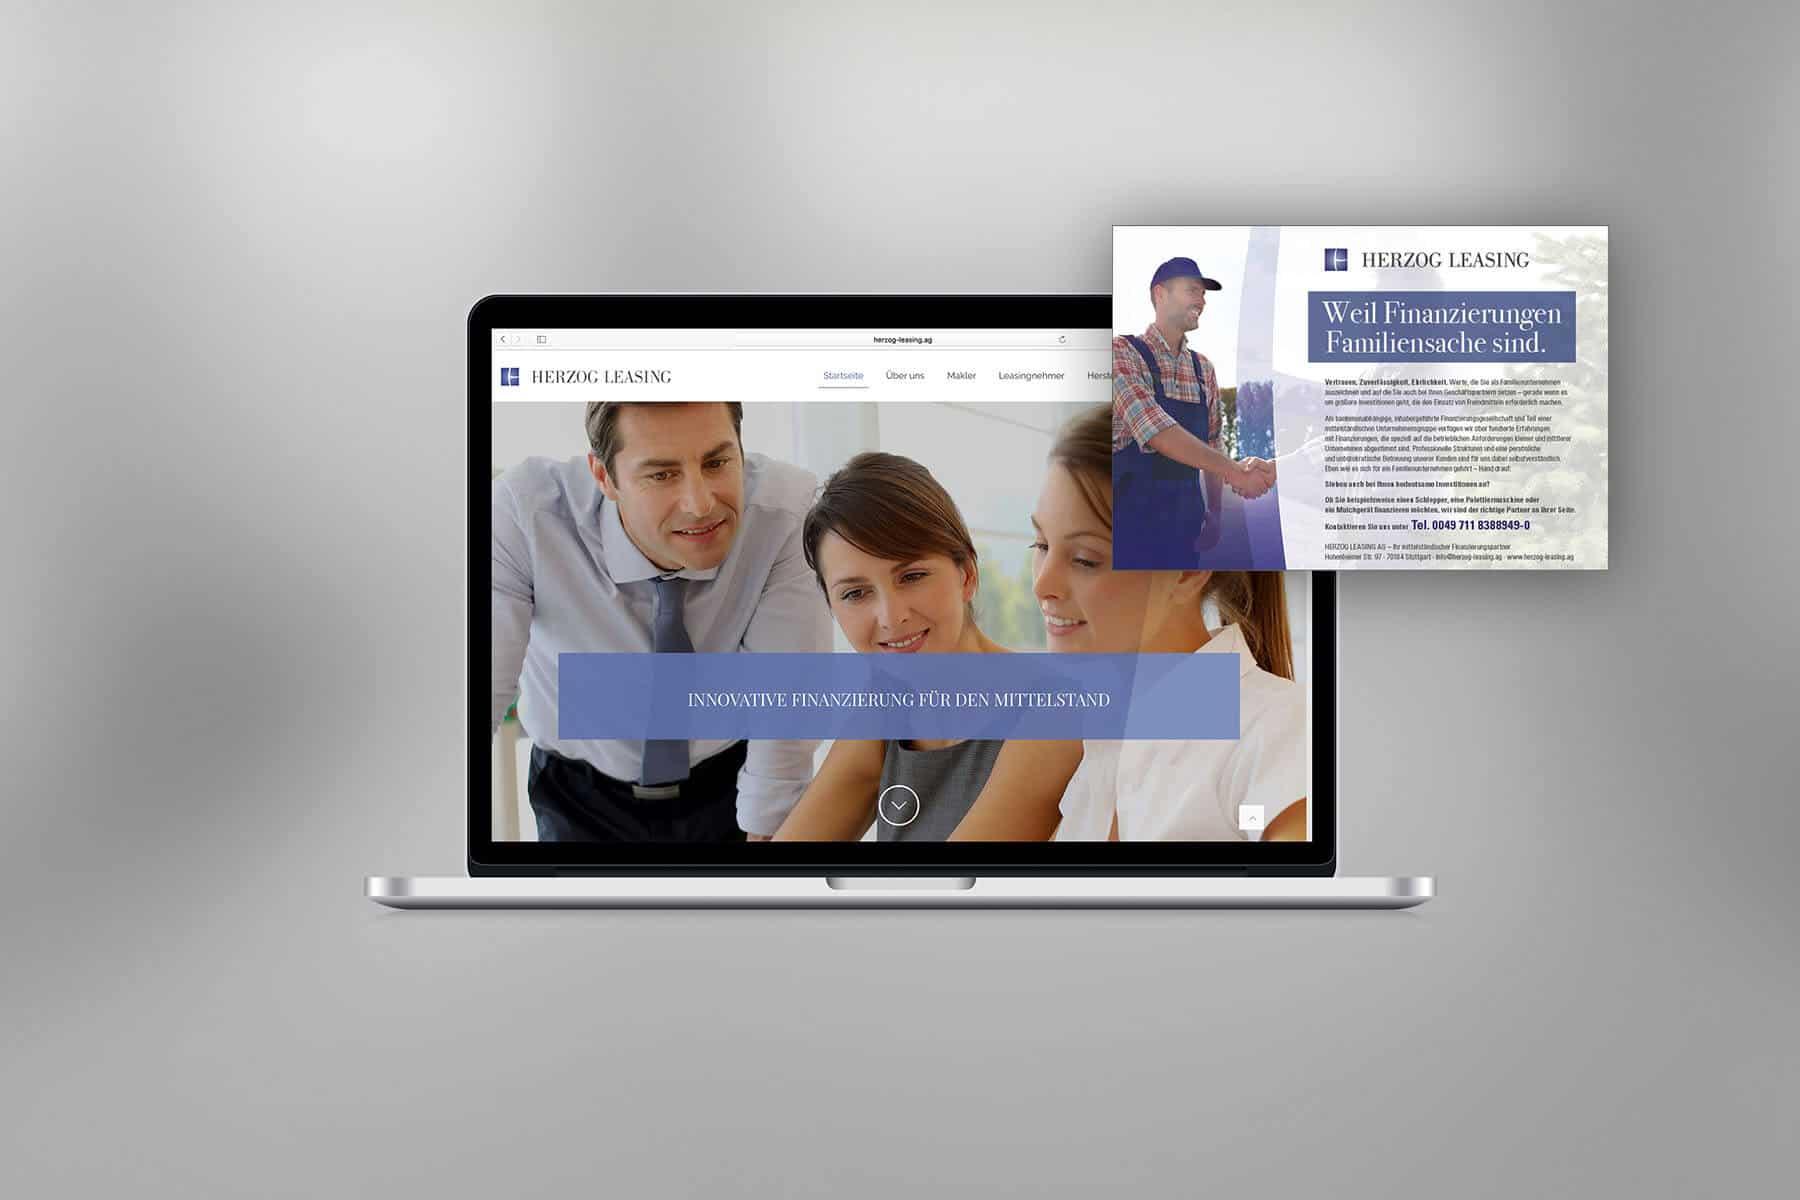 Agentur-Referenzen: Webdesign und WordPress Website mit Texterstellung für Finanzdienstleister und Leasing-Unternehmen